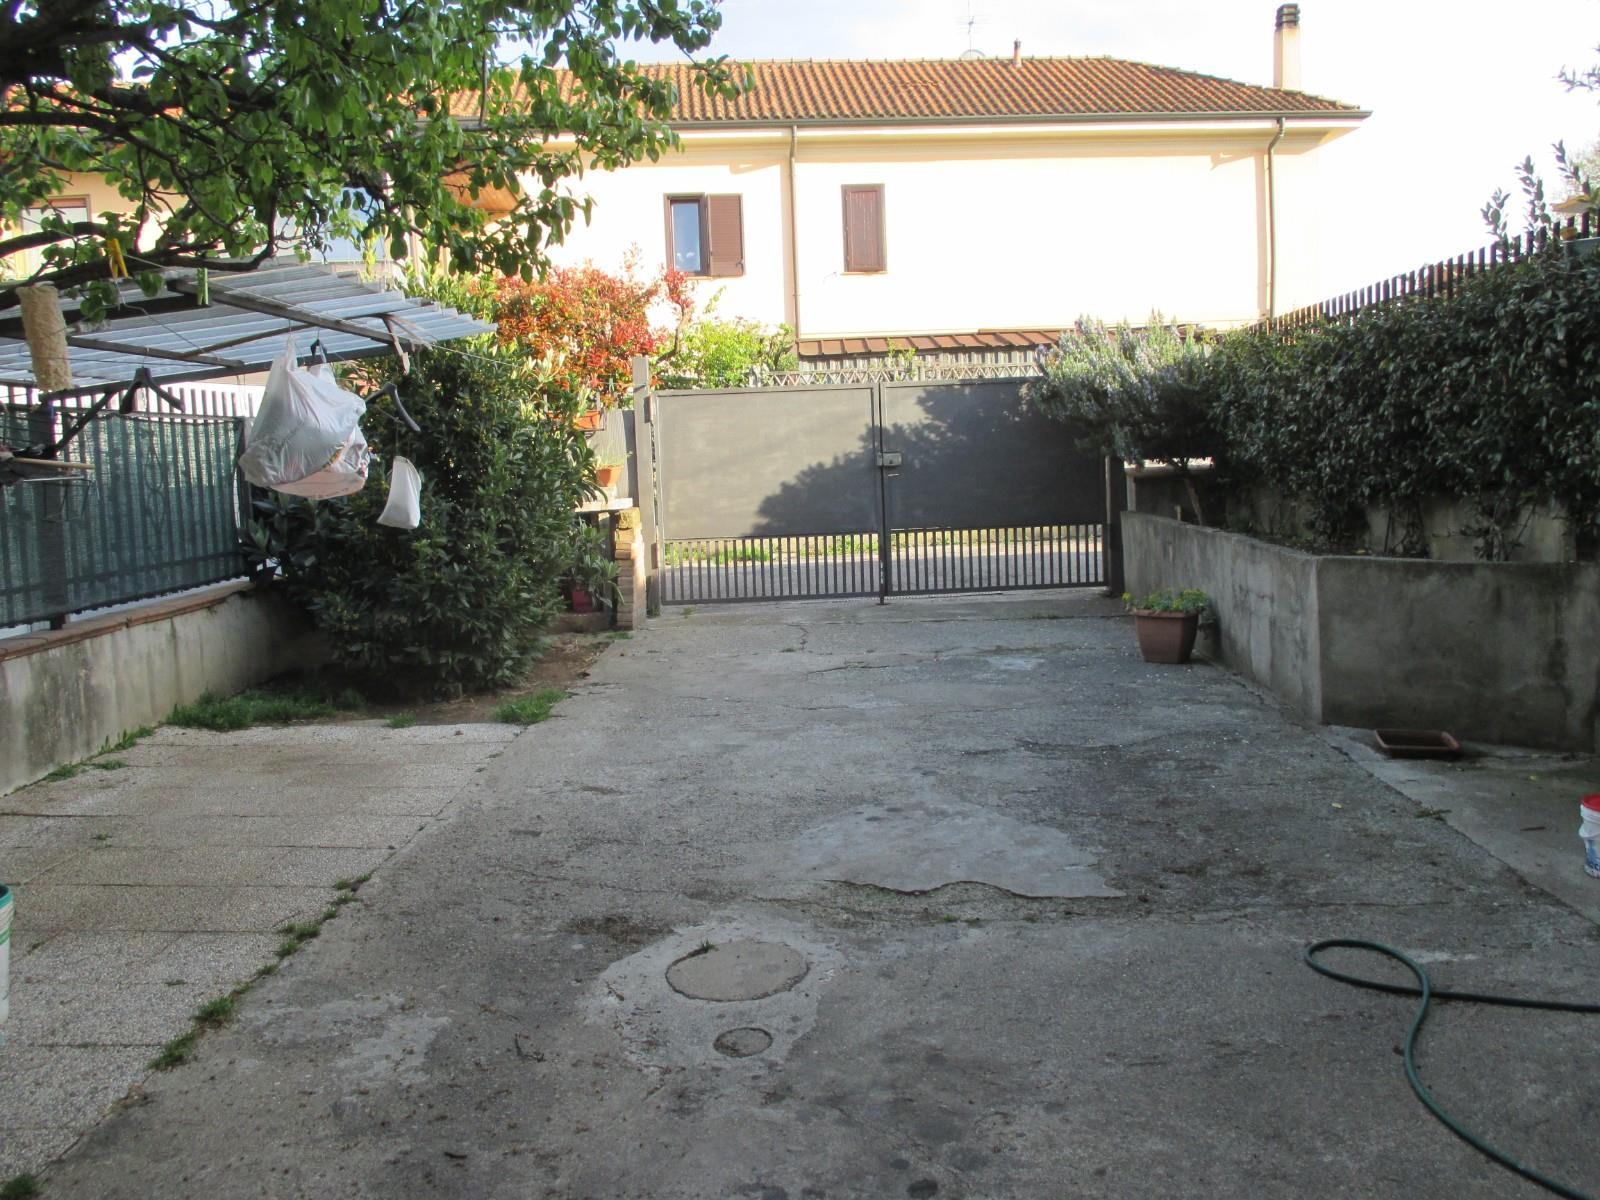 Foto 19 - Villetta a schiera in Vendita - Barlassina (Monza e Brianza)